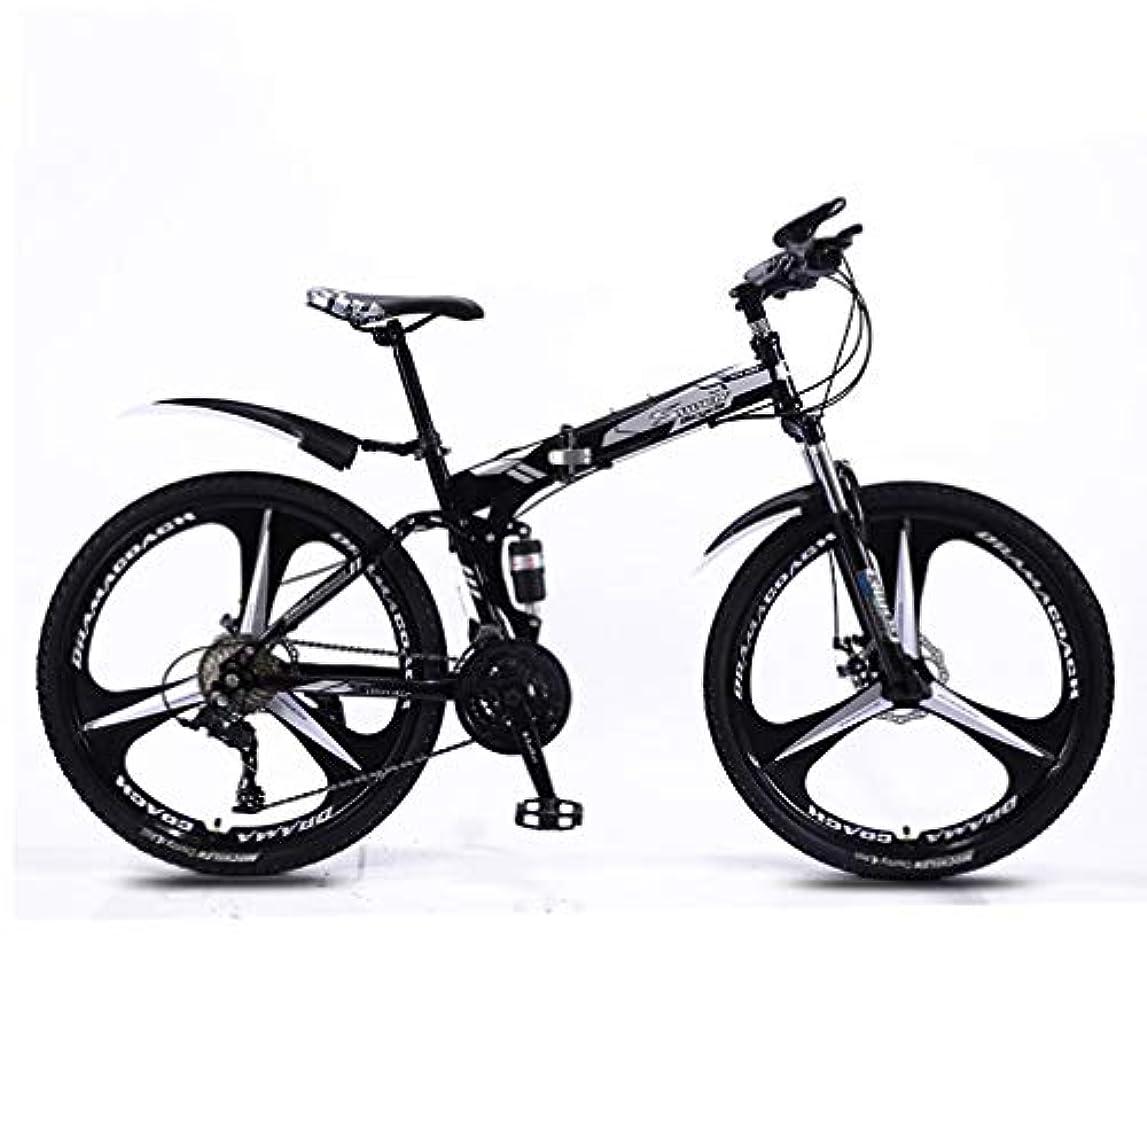 風味かどうかトリム24/26インチ3ホイール24スピードデュアルショックポータブル折りたたみ式可変速マウンテンクロスカントリーバイク、デュアルディスクブレーキシステム自転車、ゼロからフル、8秒折りたたみ、持ち運びが簡単,Black silver,26 inch